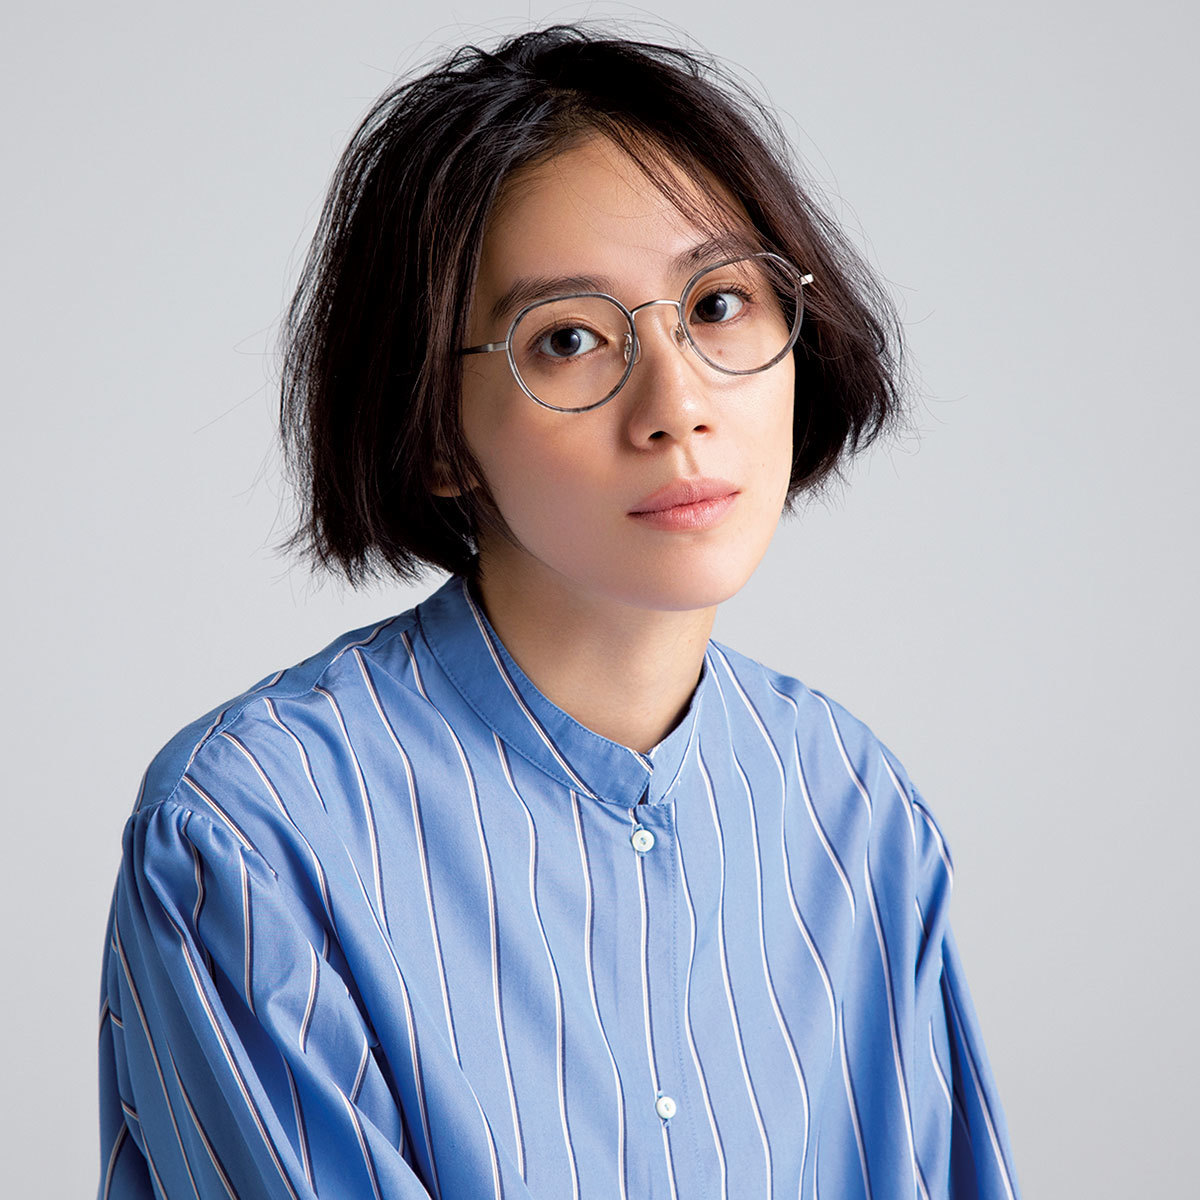 メガネヵケルシャツコーデを着たモデルの竹内友梨さん